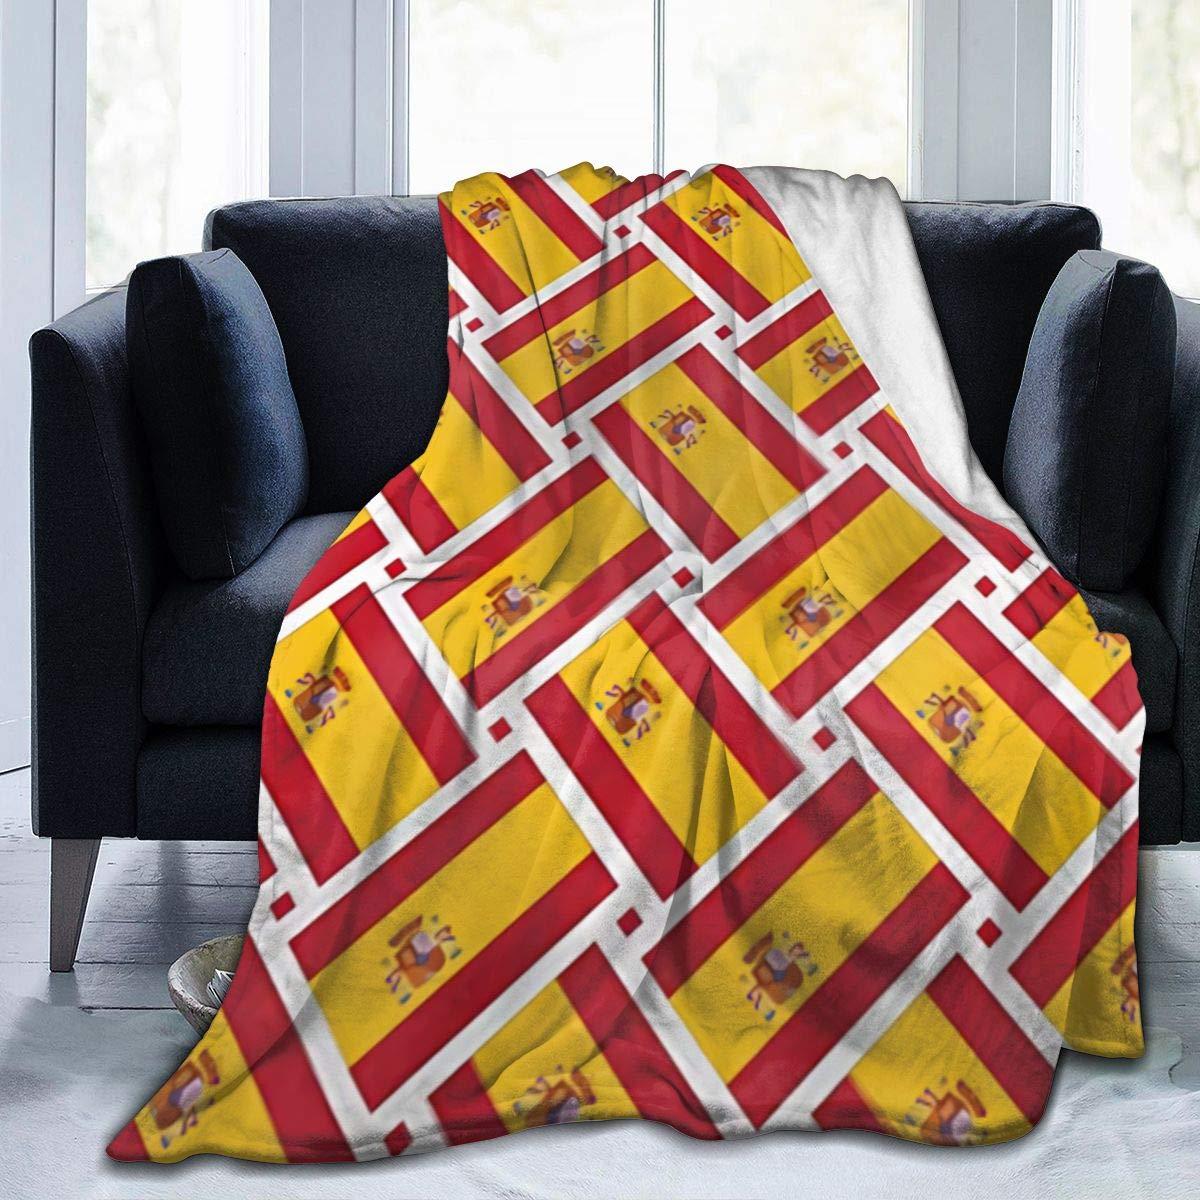 Bandera de España España Manta de Tiro cálido de 80x60 Pulgadas Forro Polar de Franela Ultra Suave Todas Las Estaciones Sala de Estar Liviana Dormitorio para niños Padres y Abuelos Adultos: Amazon.es: